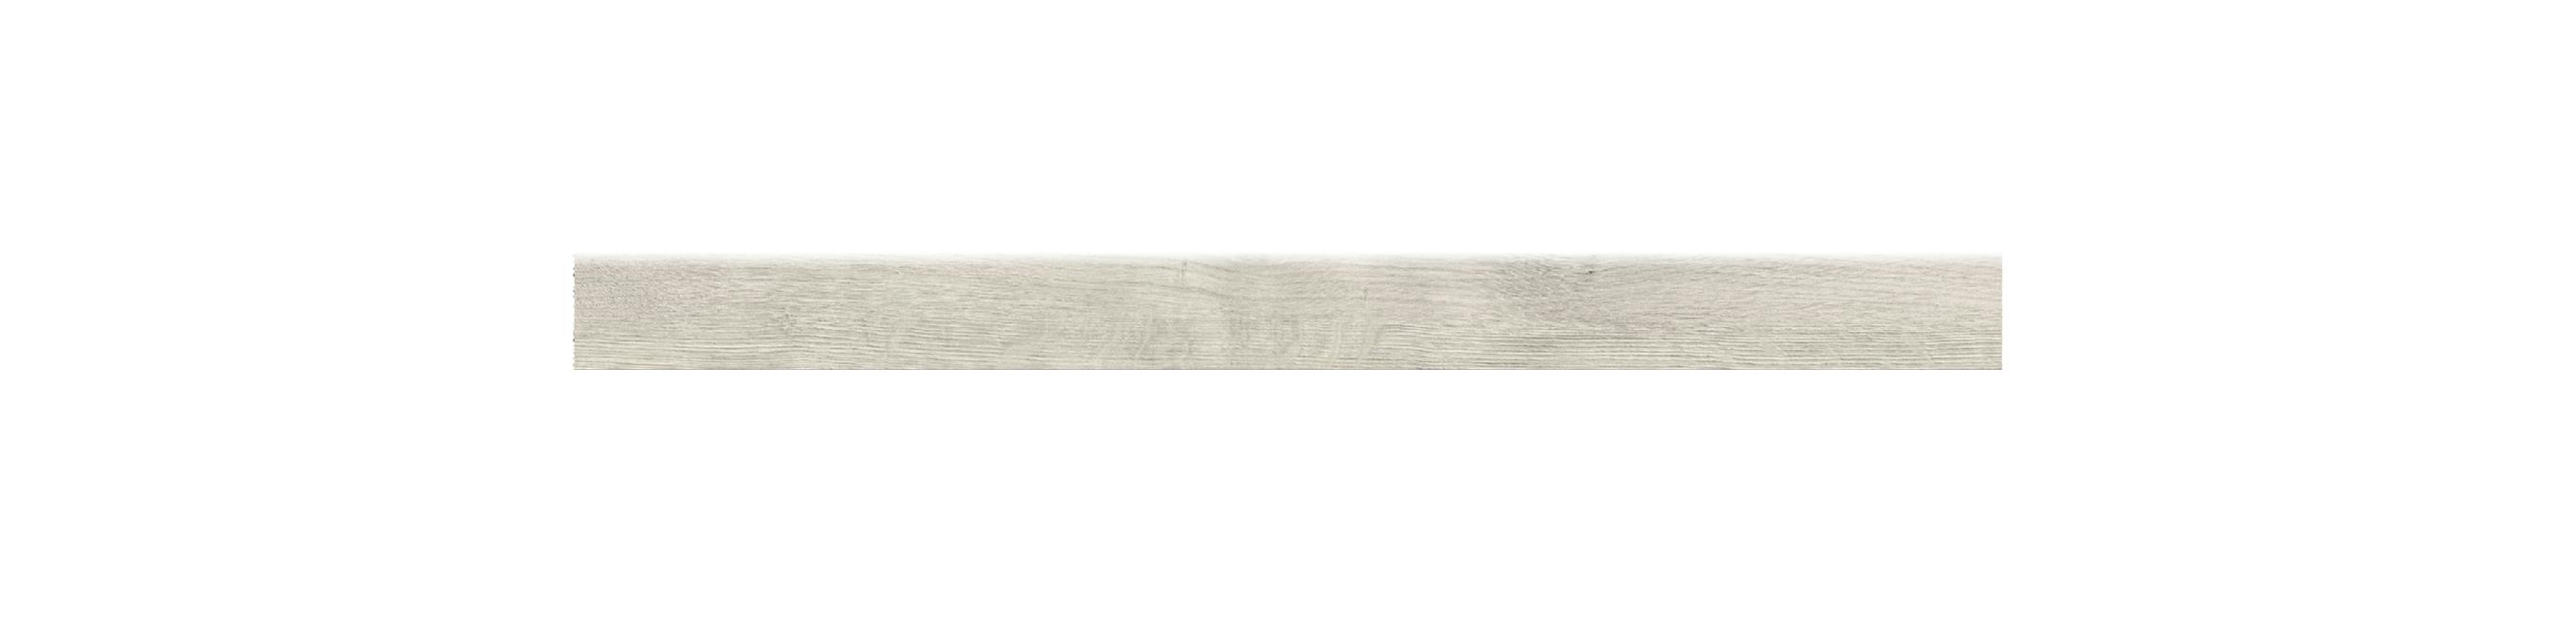 MDF 80mm szegőléc - Arteo / Prestige 836 2,4m - Gobi tölgy MEGSZŰNŐ